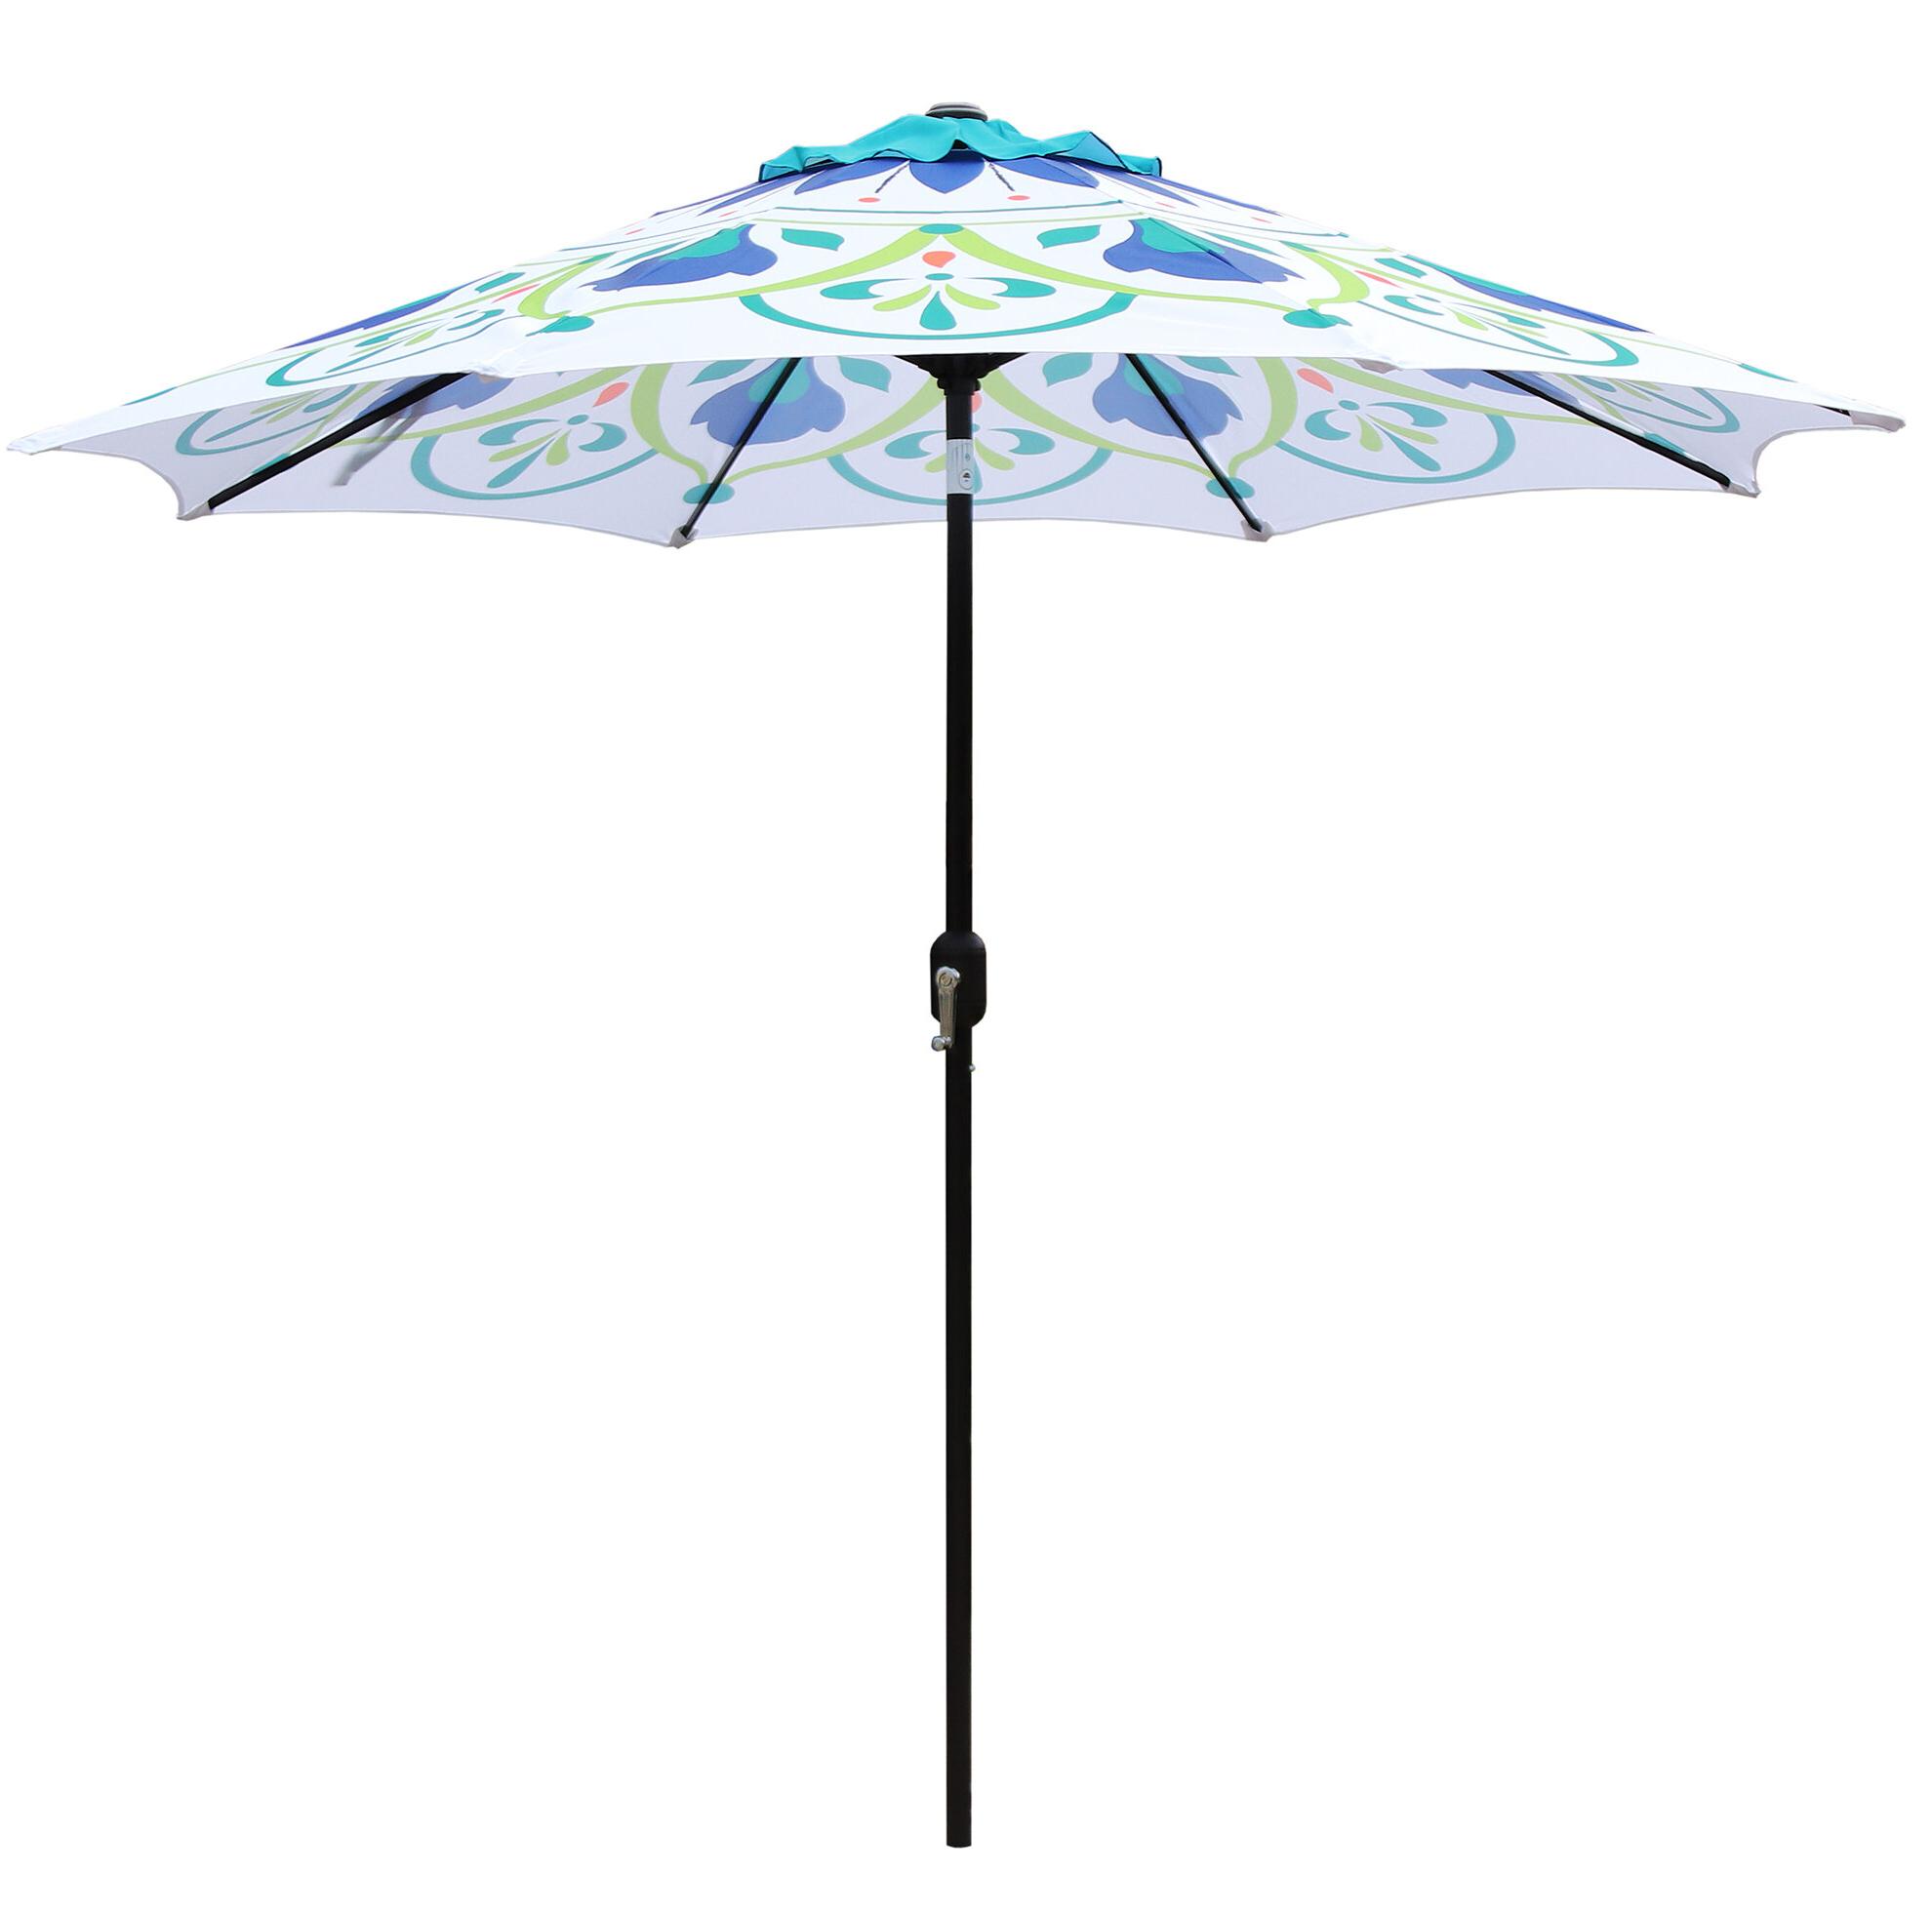 Capresa Market Umbrellas With Regard To Most Current Sittard 9' Market Umbrella (View 6 of 20)